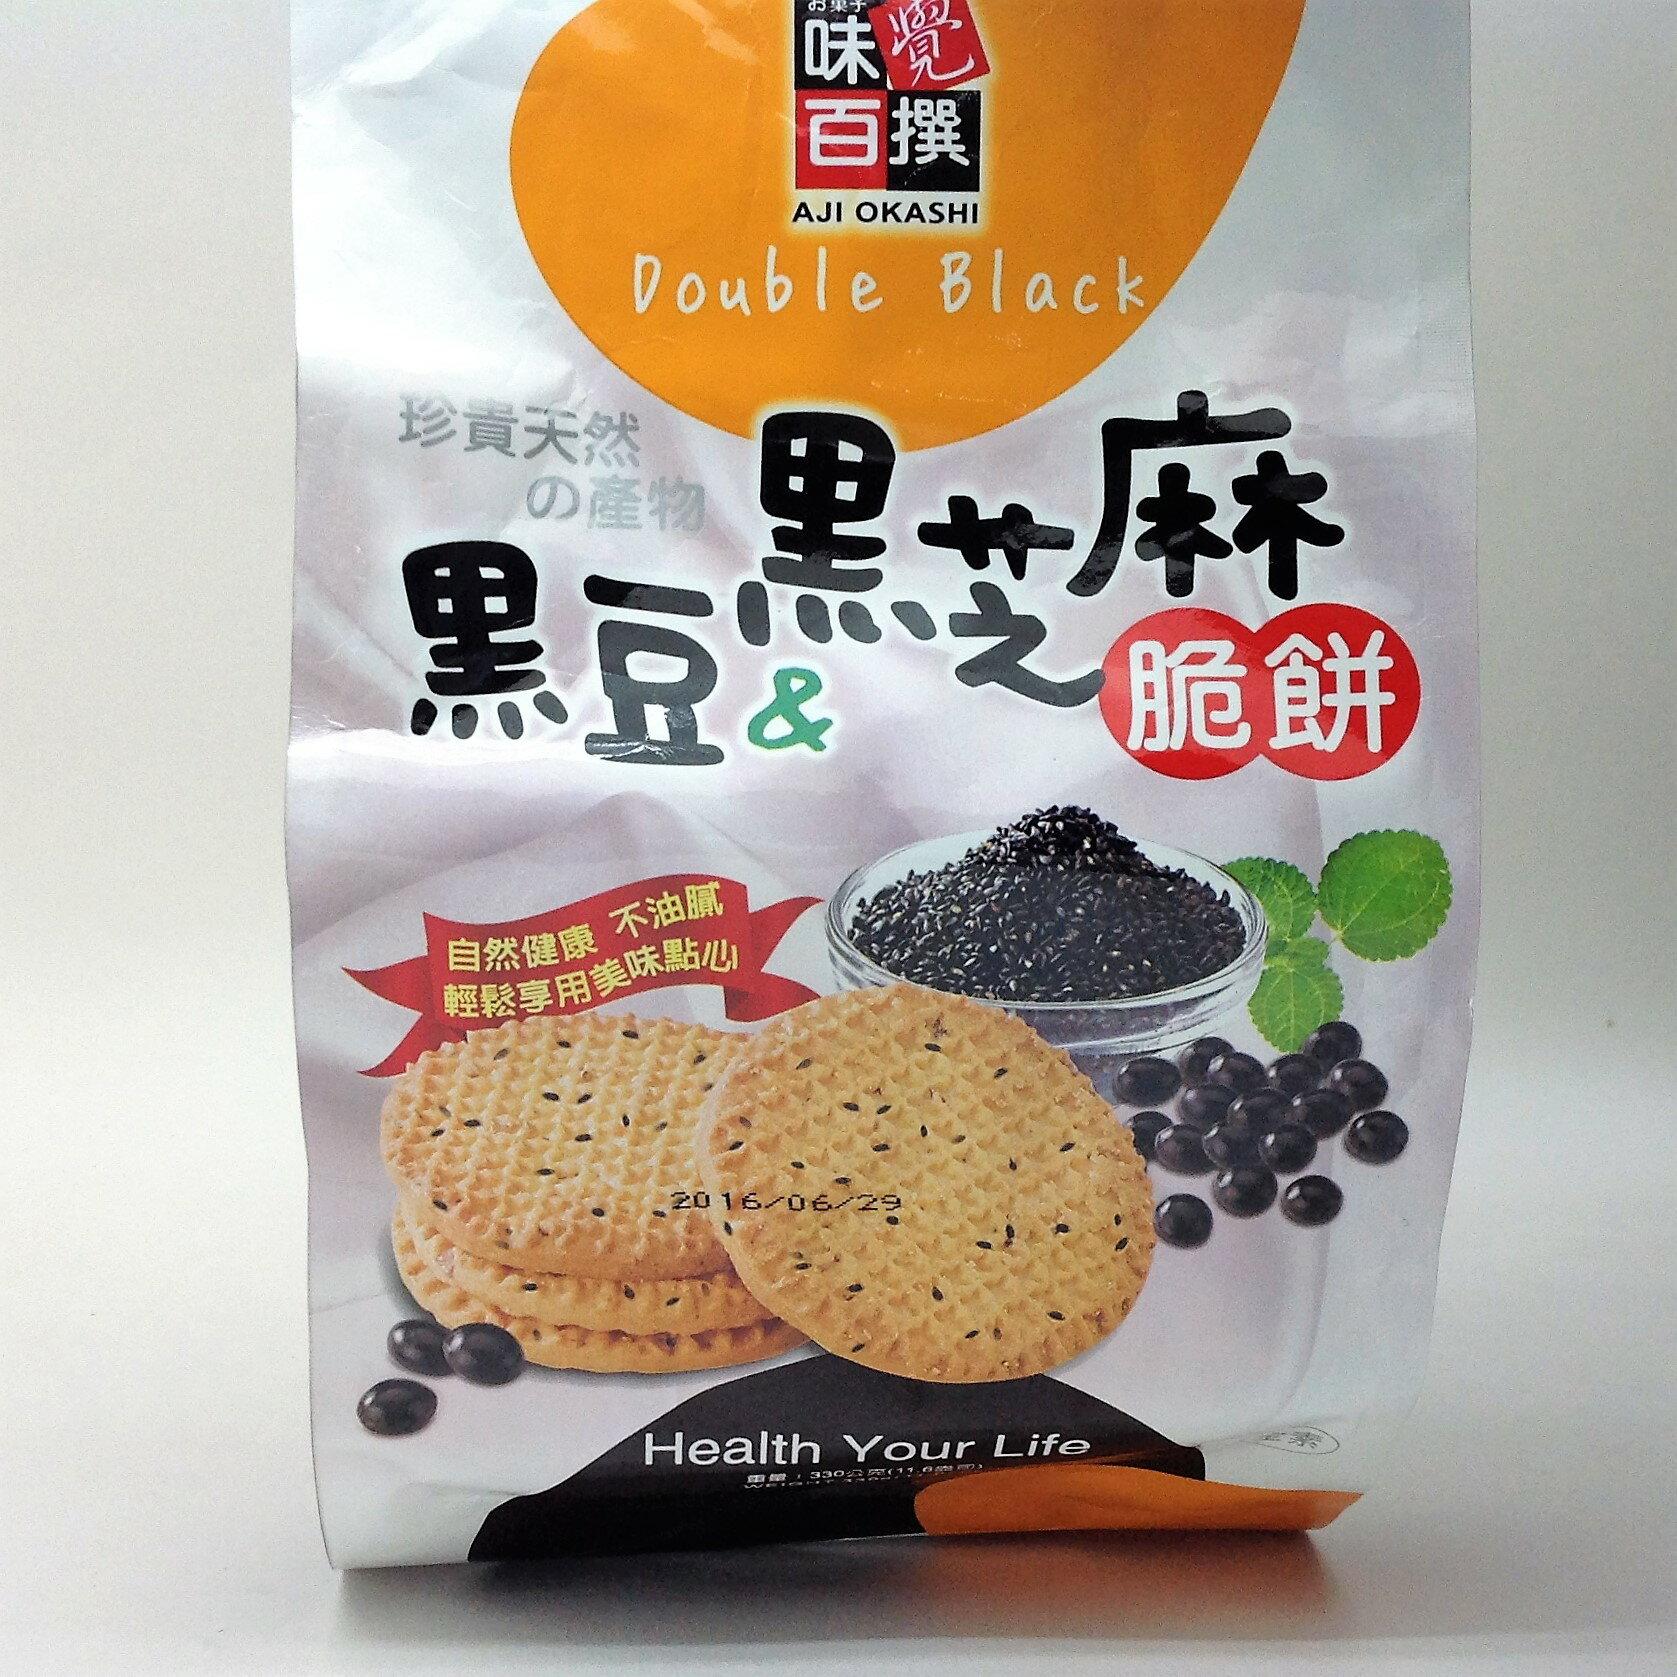 【橘町五丁目】味覺百撰黑豆+黑芝麻脆餅-330g